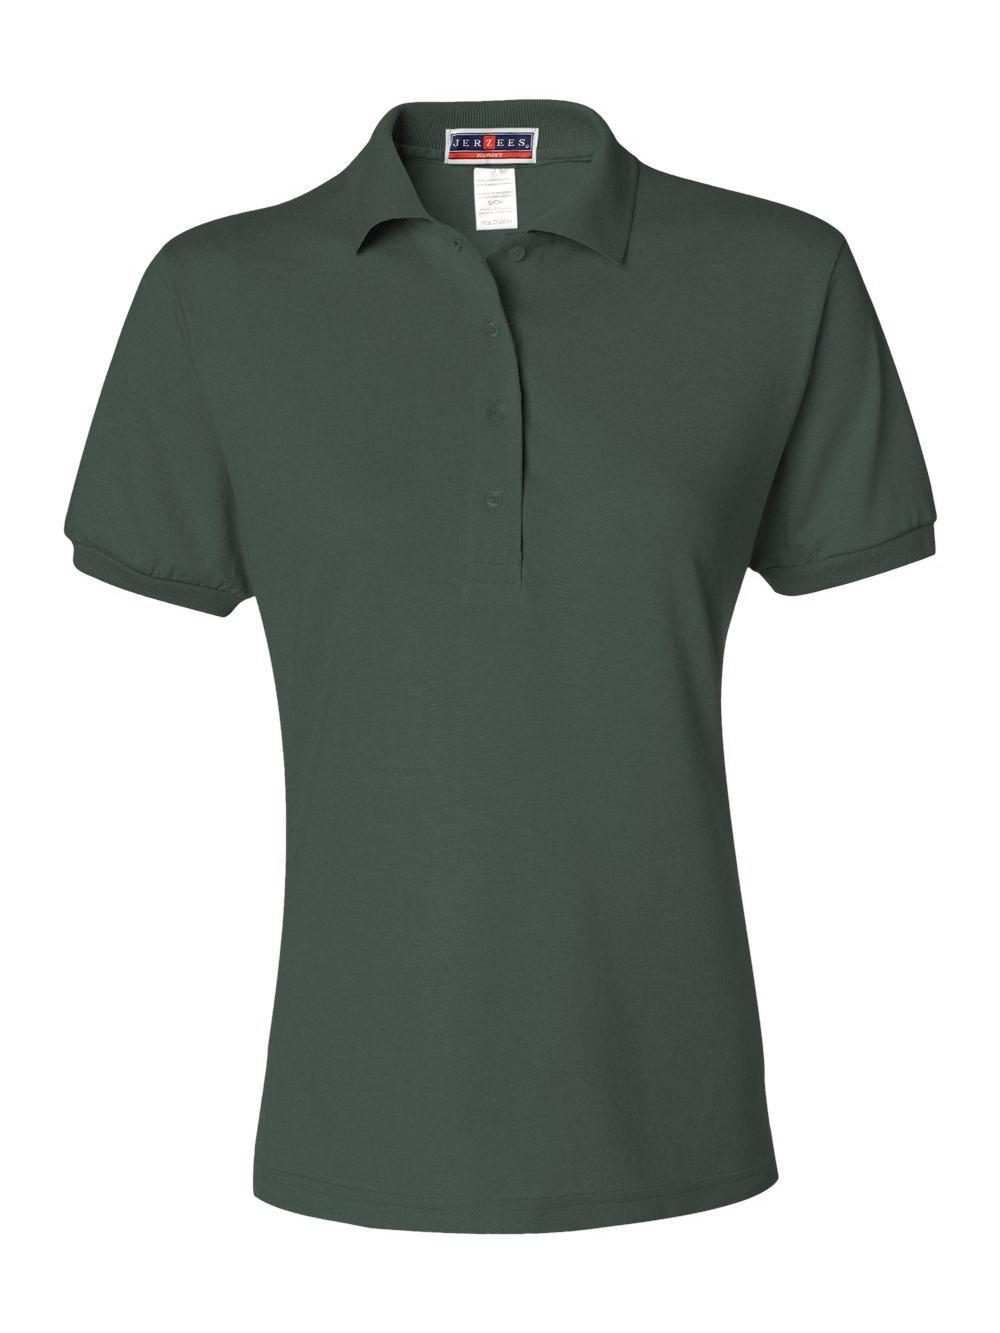 Jerzees-Women-039-s-Spotshield-50-50-Sport-Shirt-437WR thumbnail 12